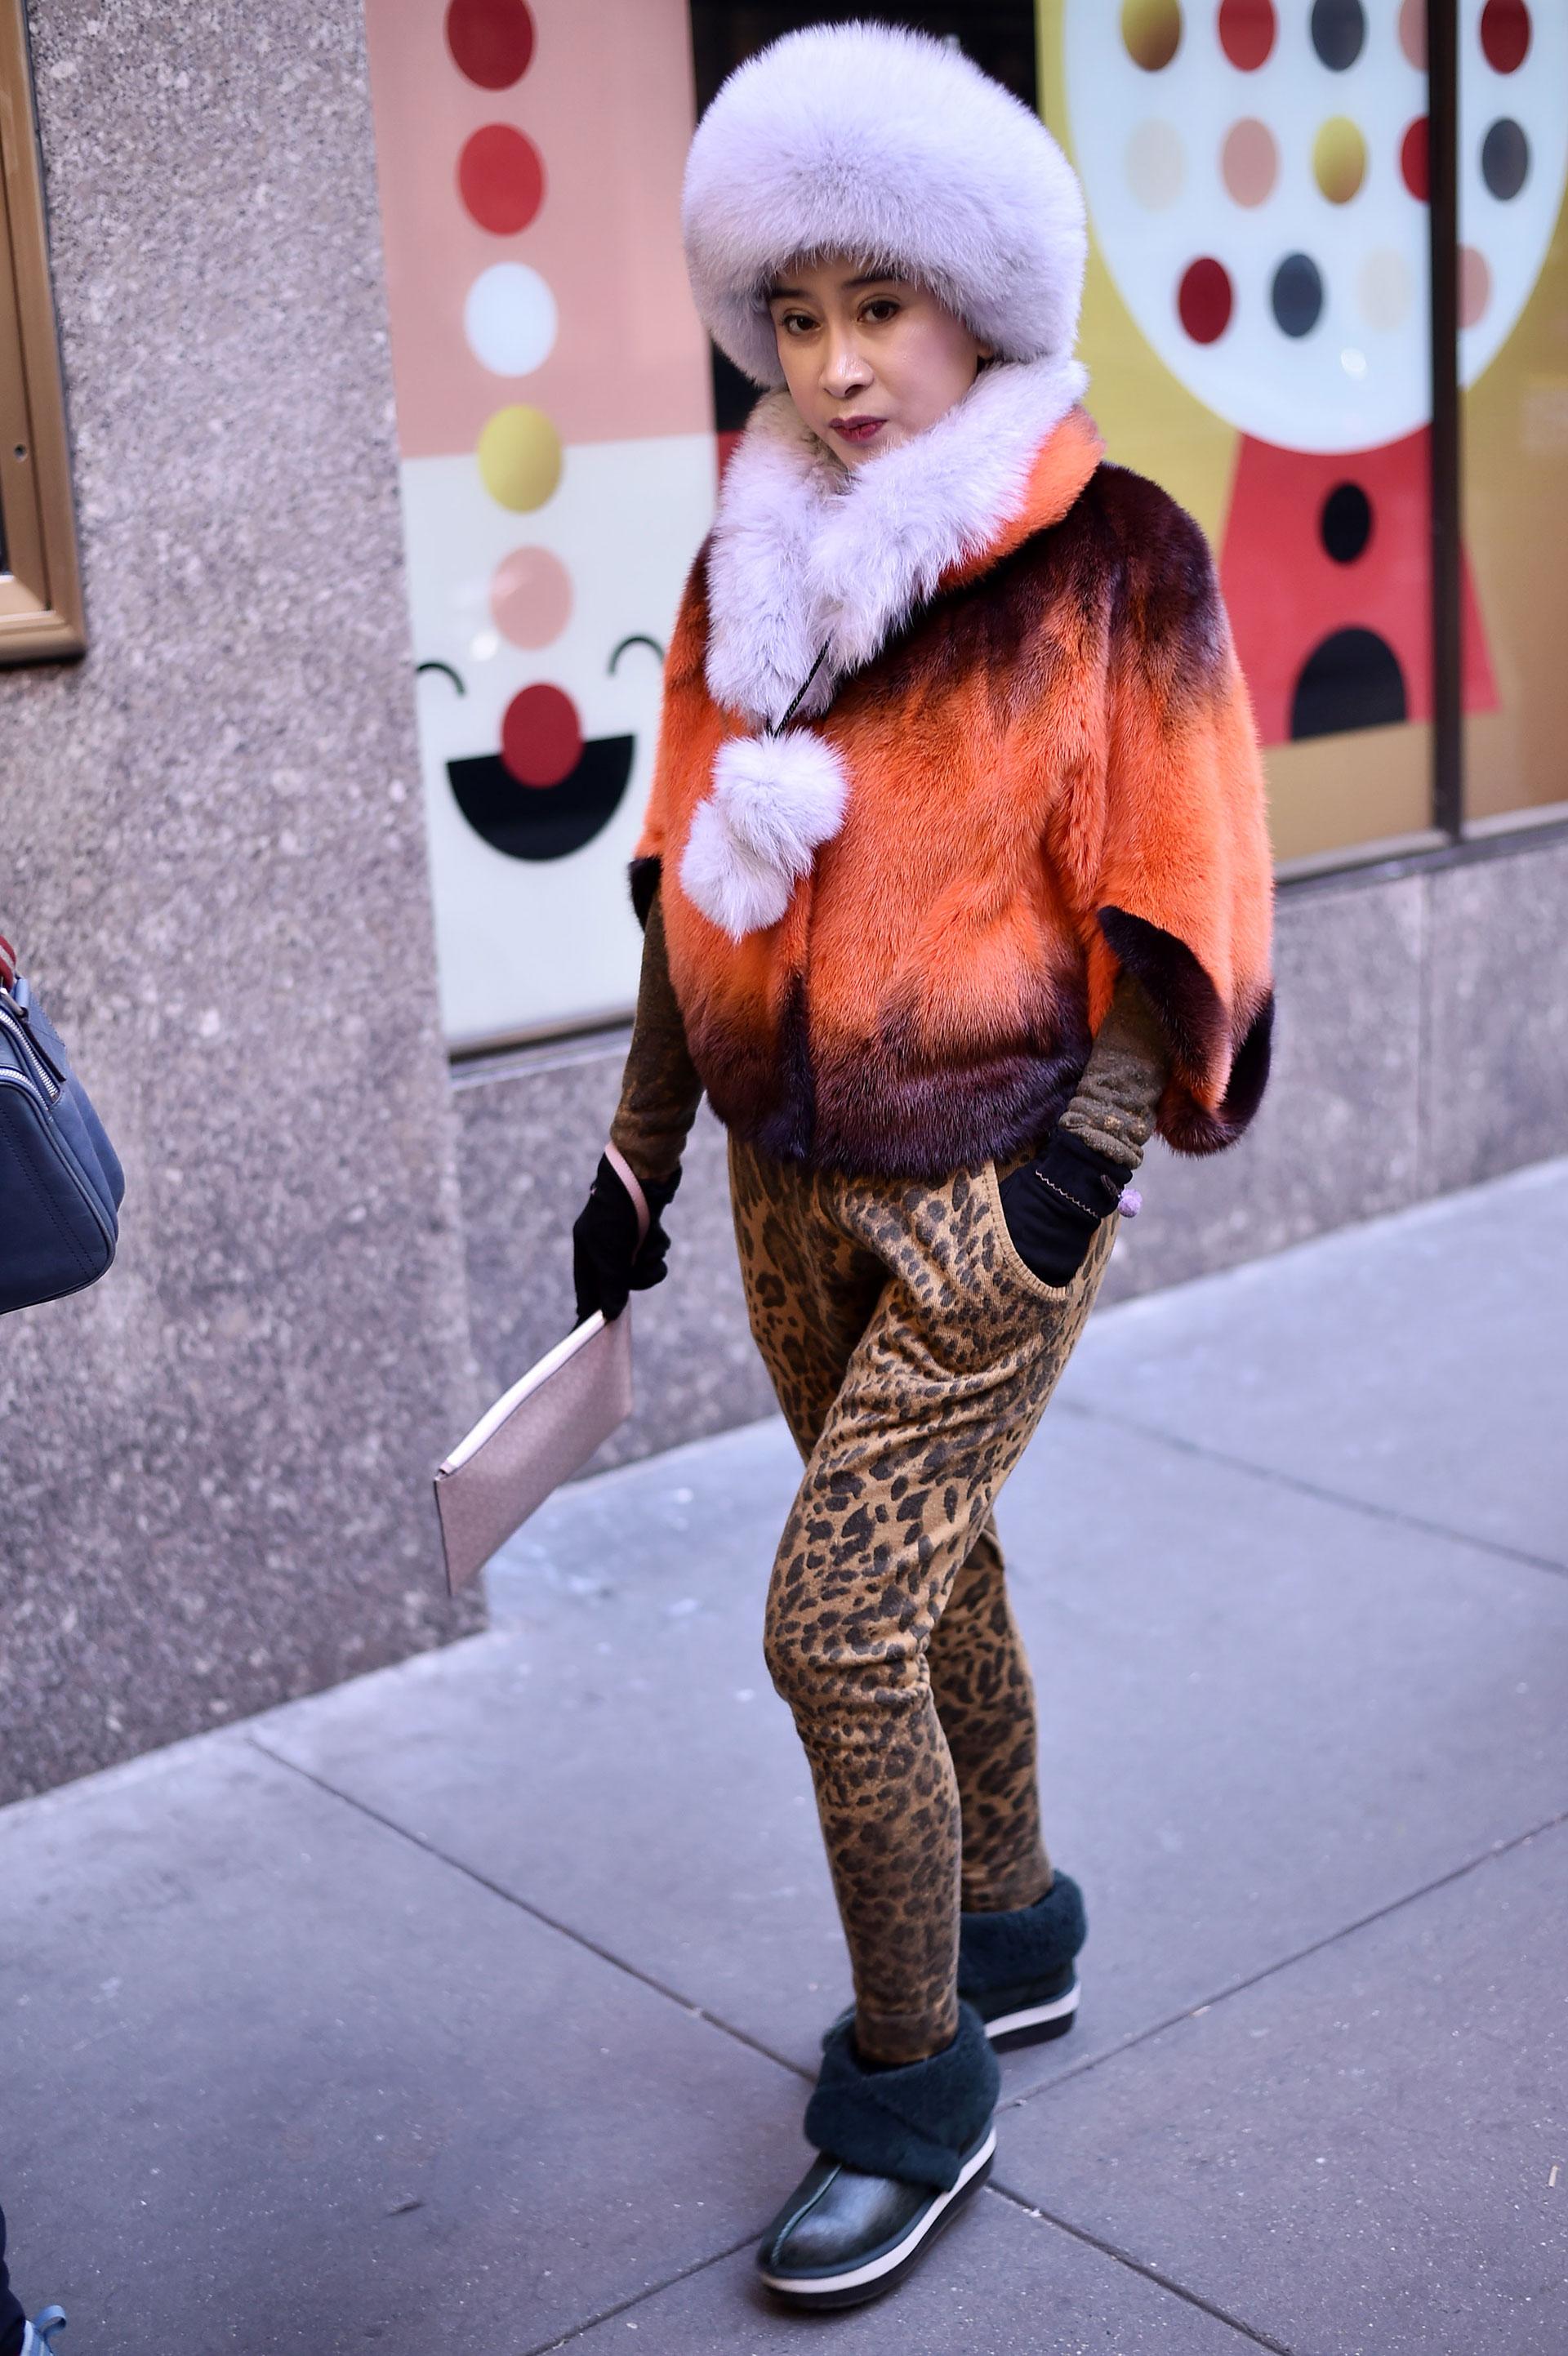 Las pieles también toman gran protagonismo en la Gran Manzana por las bajas temperaturas que hay en el invierno. Gorros al estilo ruso con bufandas y tapados en degradés de rojos y naranjas